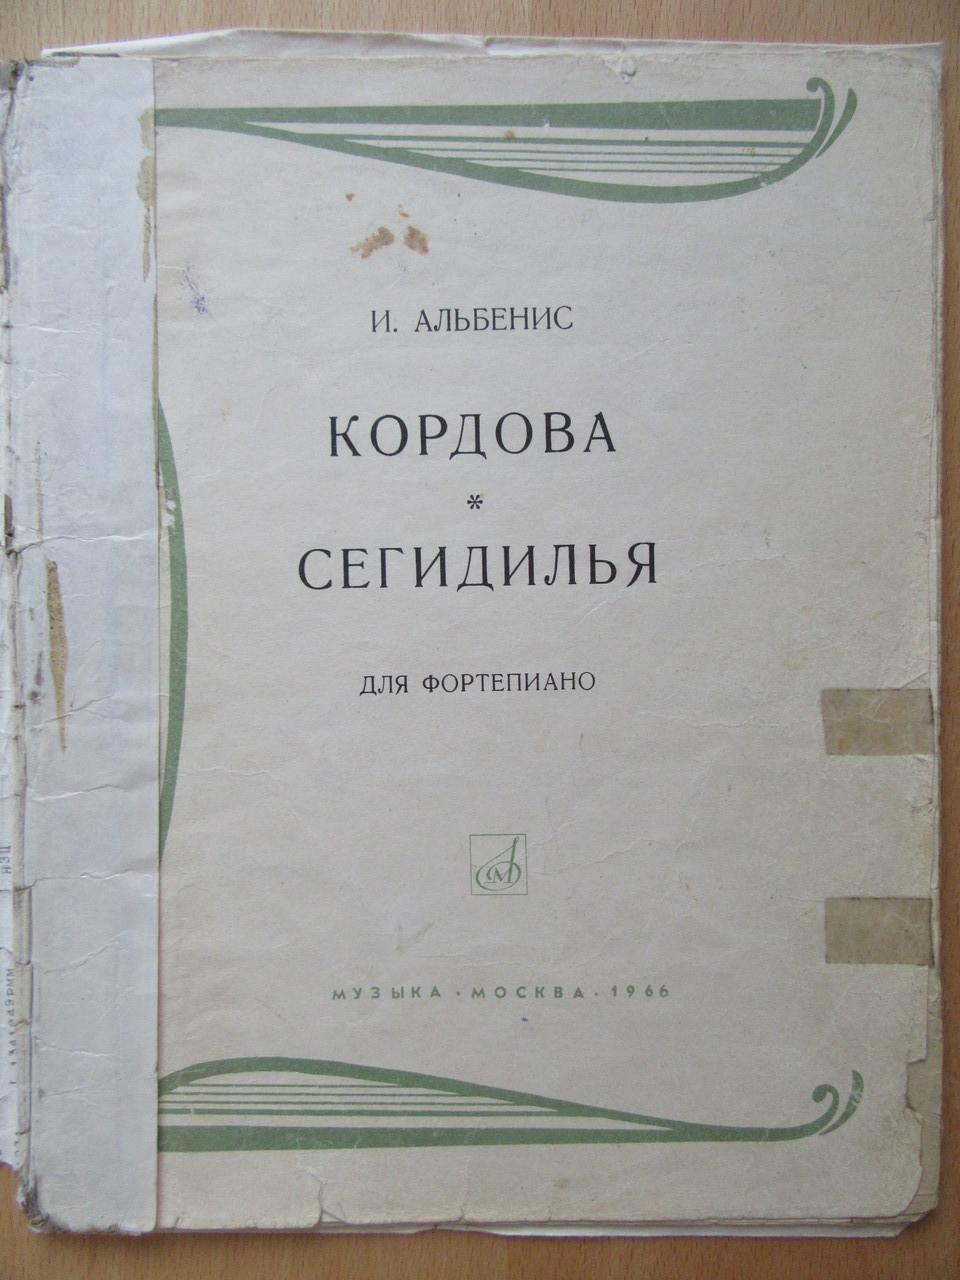 И.Альбенис. Кордова. Сегидилья для фортепиано. 1966